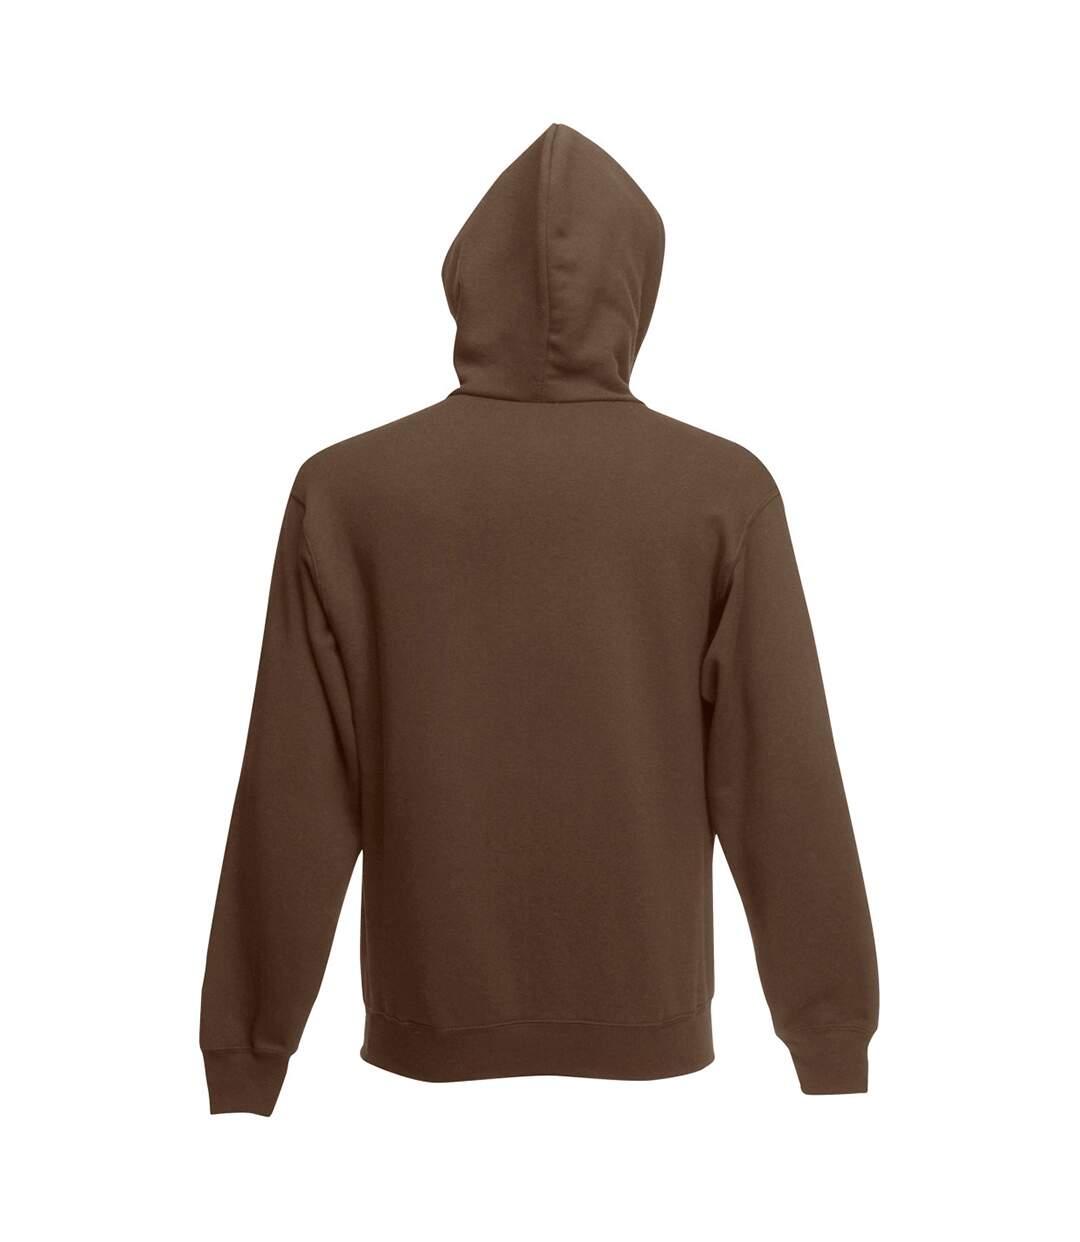 Fruit Of The Loom Mens Zip Through Hooded Sweatshirt / Hoodie (Chocolate) - UTBC360